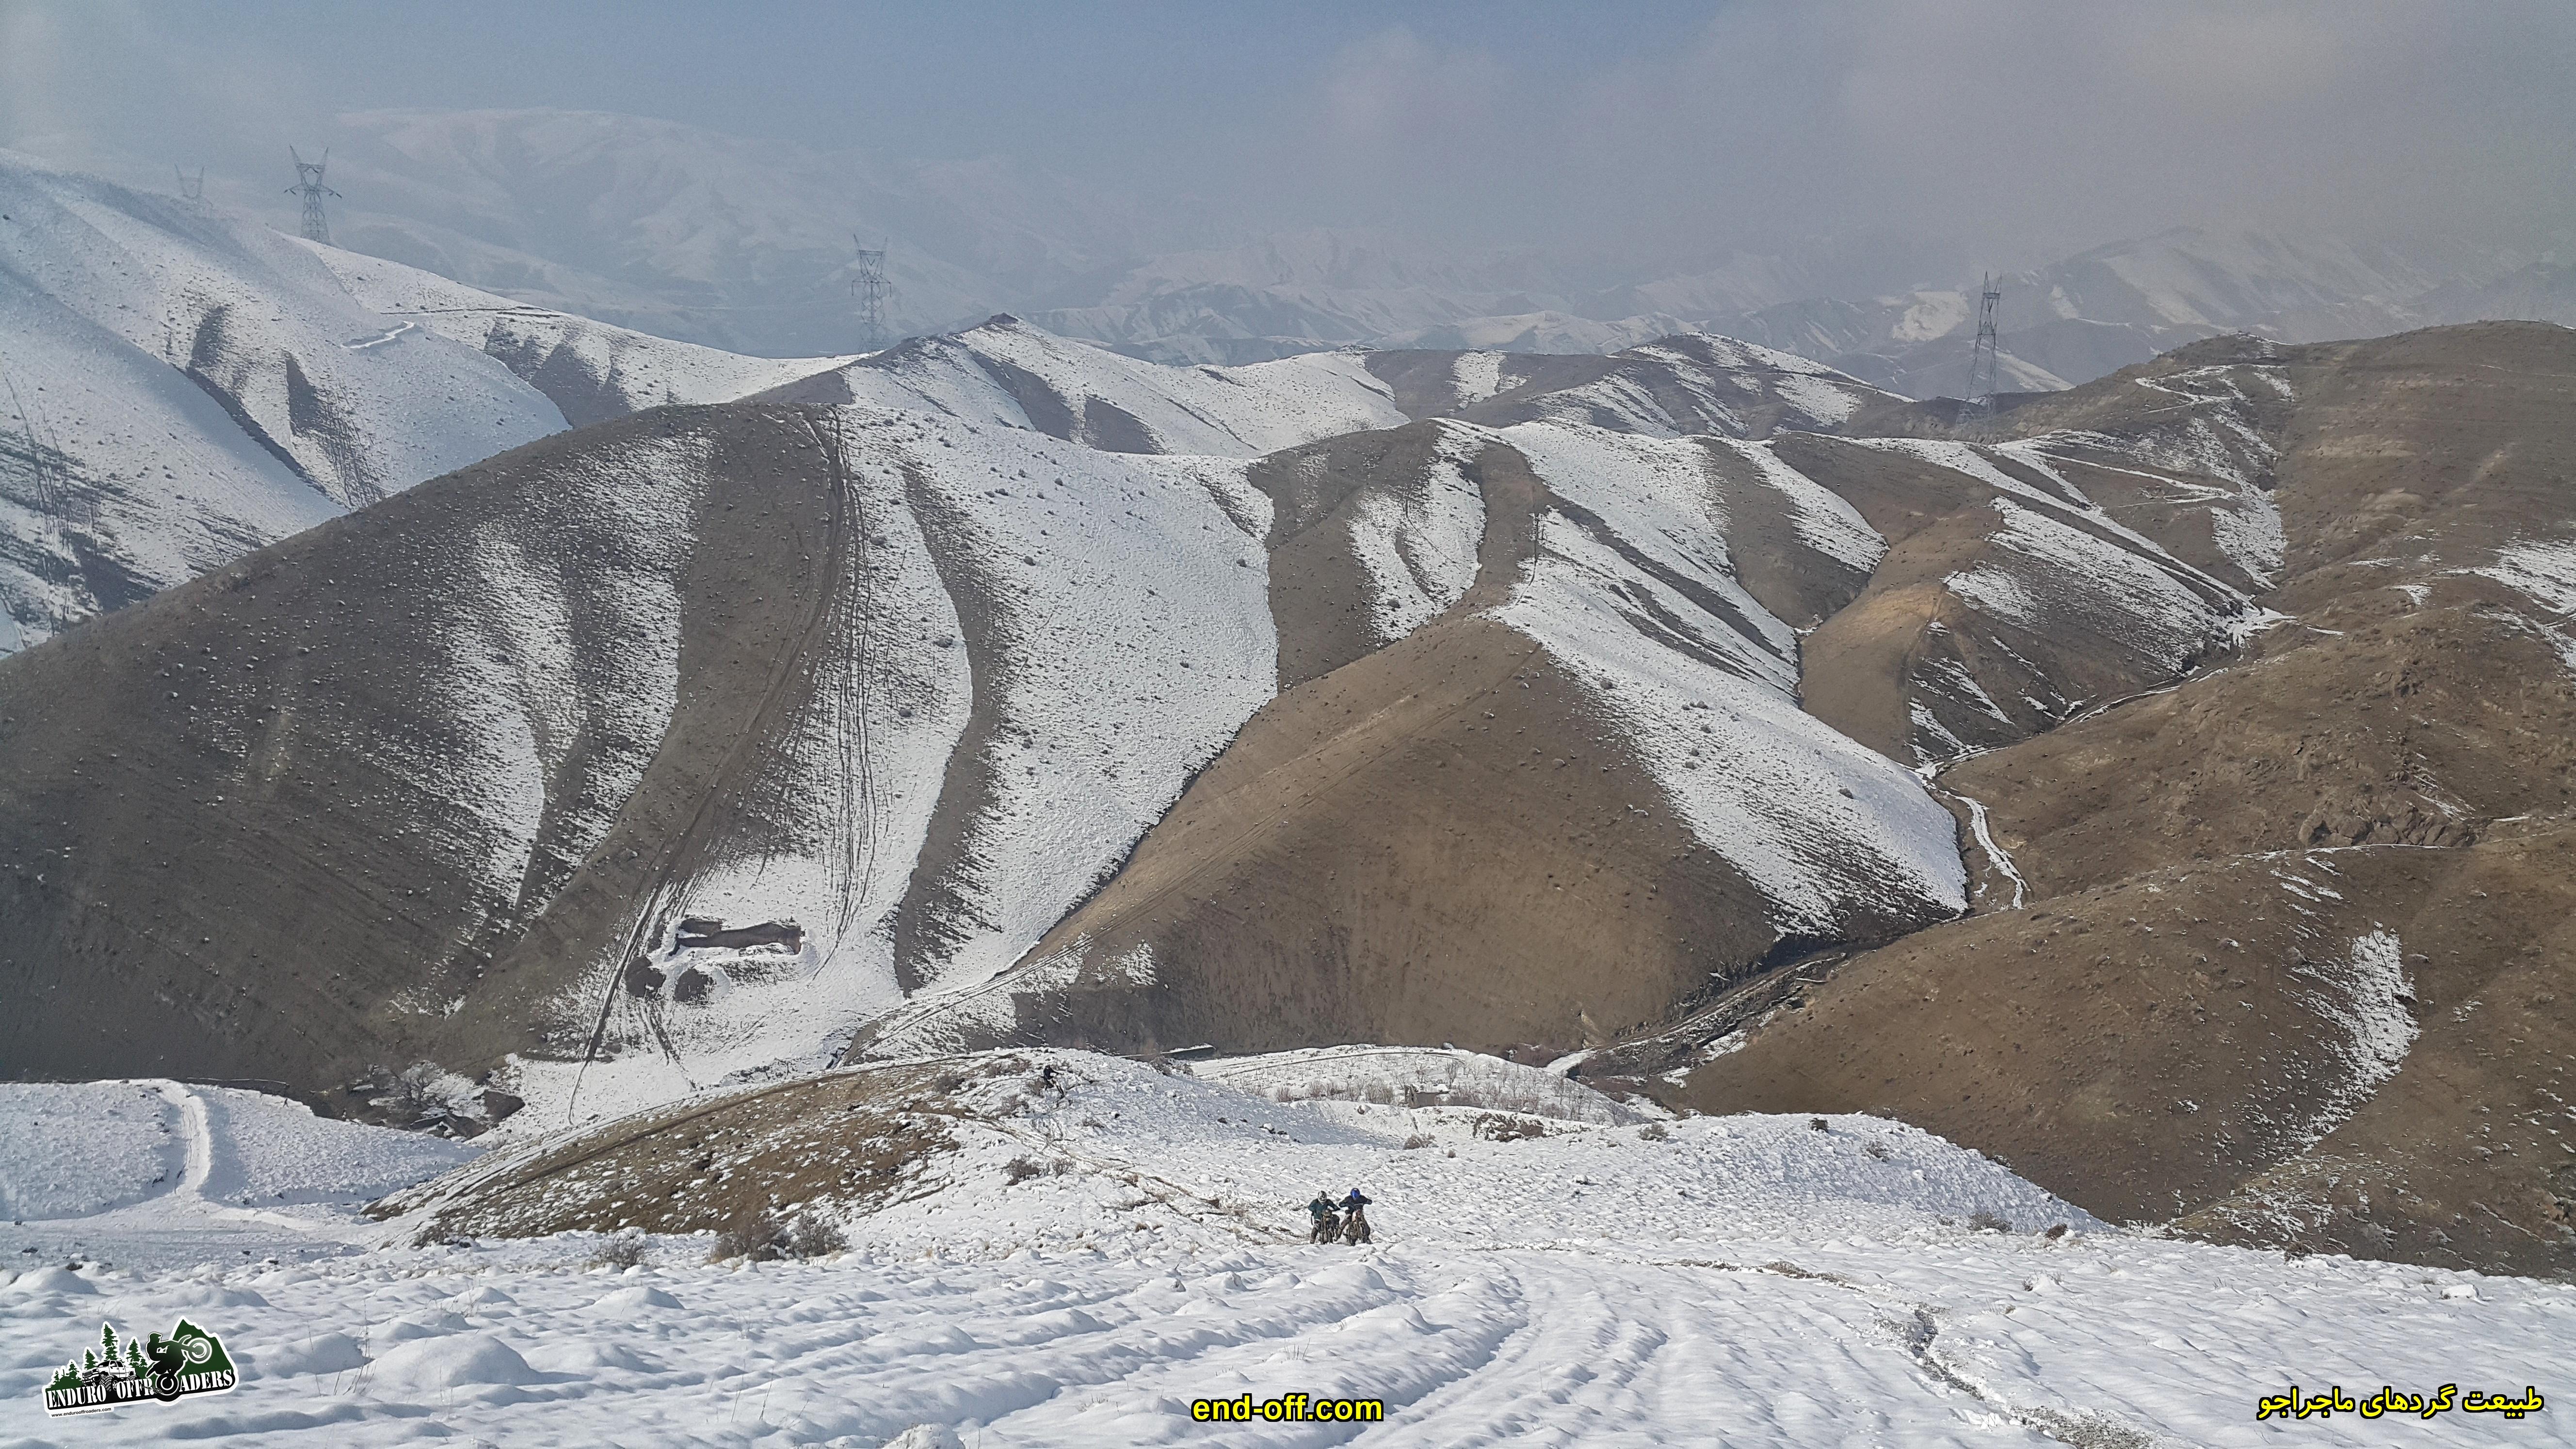 ماجراجویی با موتور در برف - زمستان 1399 2020